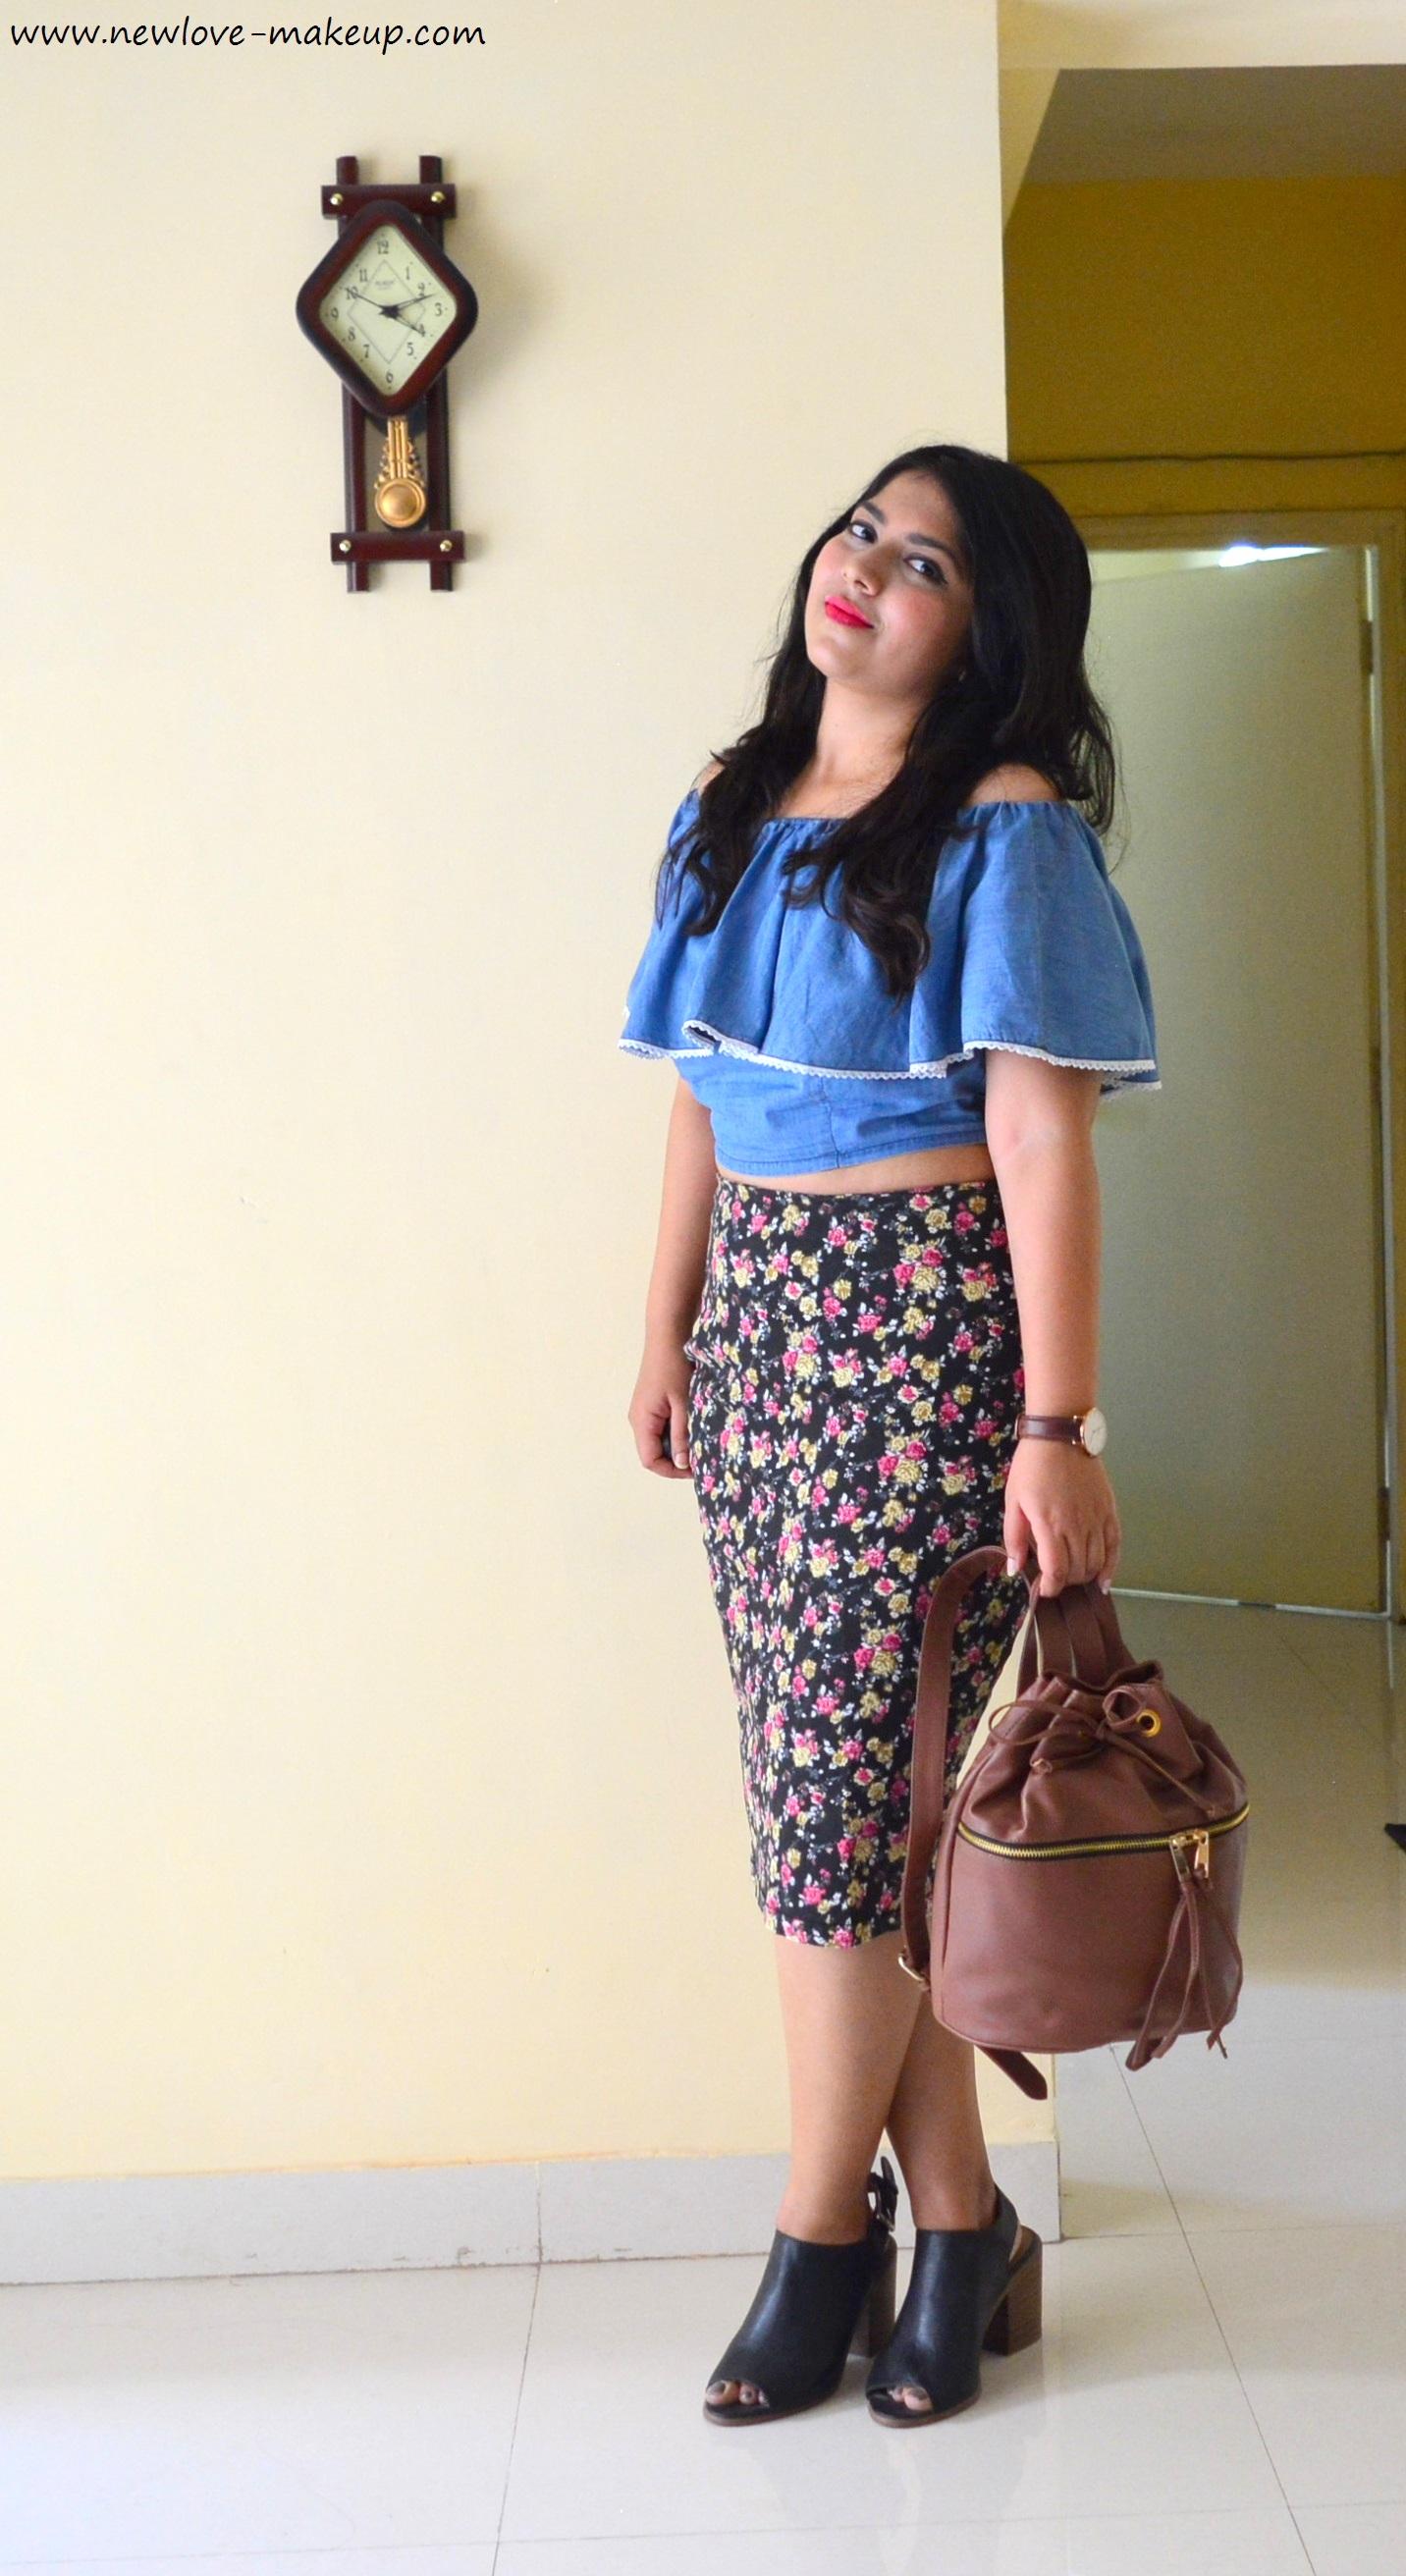 OOTD Denim Blue Off Shoulder Crop Top Floral Pencil Skirt | New Love - Makeup